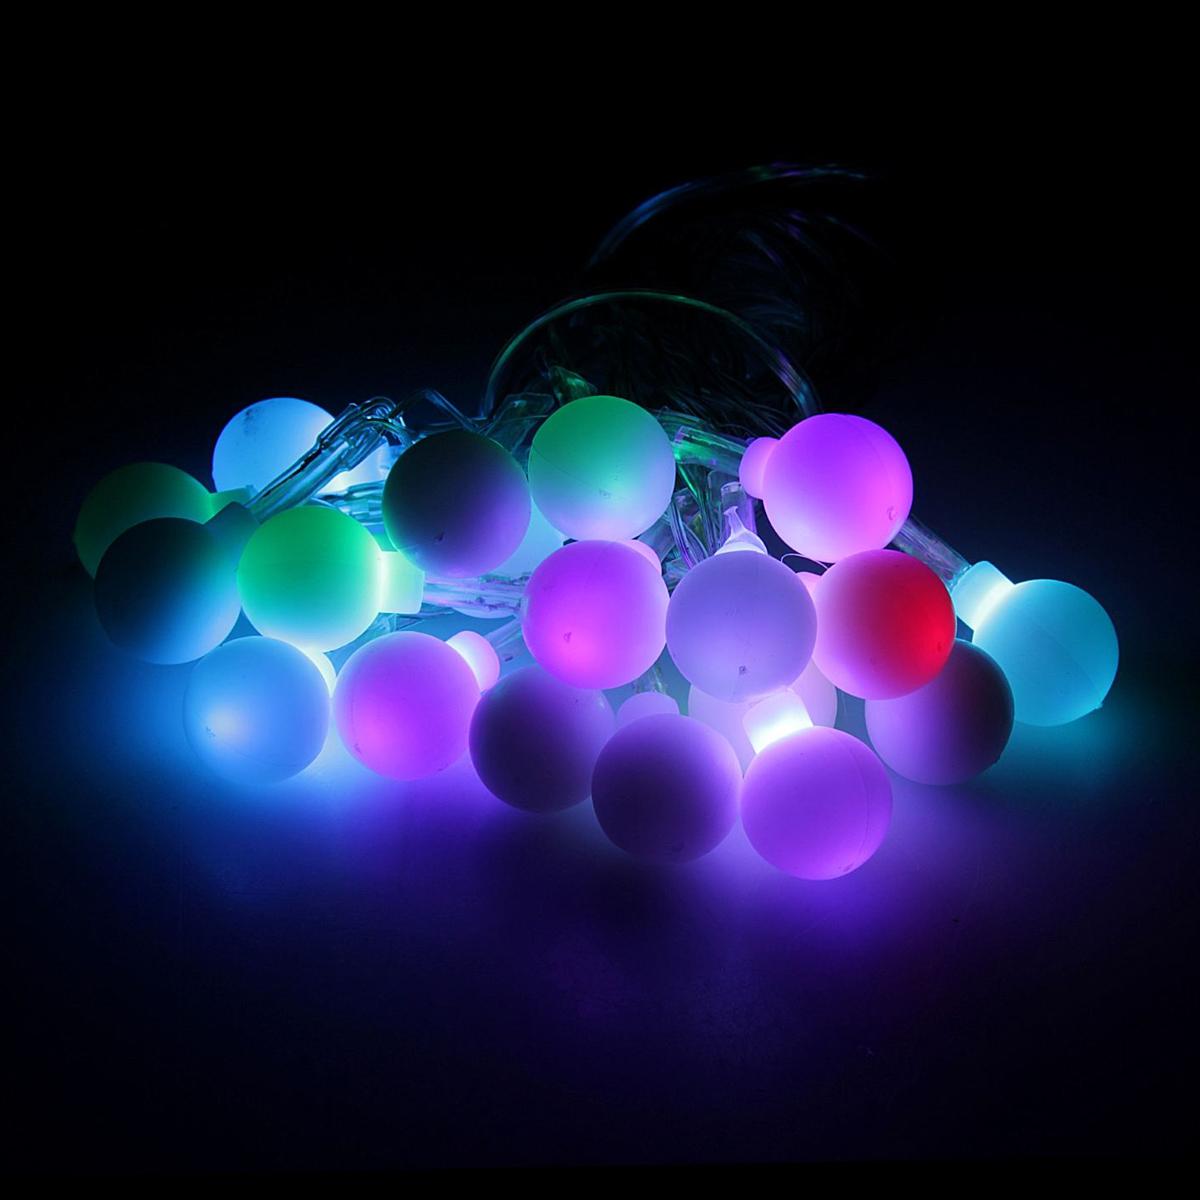 Гирлянда светодиодная Luazon Метраж. Шарики, 20 ламп, 5 V, длина 3 м806831Светодиодные гирлянды и ленты — это отличный вариант для новогоднего оформления интерьера или фасада. С их помощью помещение любого размера можно превратить в праздничный зал, а внешние элементы зданий, украшенные ими, мгновенно станут напоминать очертания сказочного дворца. Такие украшения создают ауру предвкушения чуда. Деревья, фасады, витрины, окна и арки будто специально созданы, чтобы вы украсили их светящимися нитями.